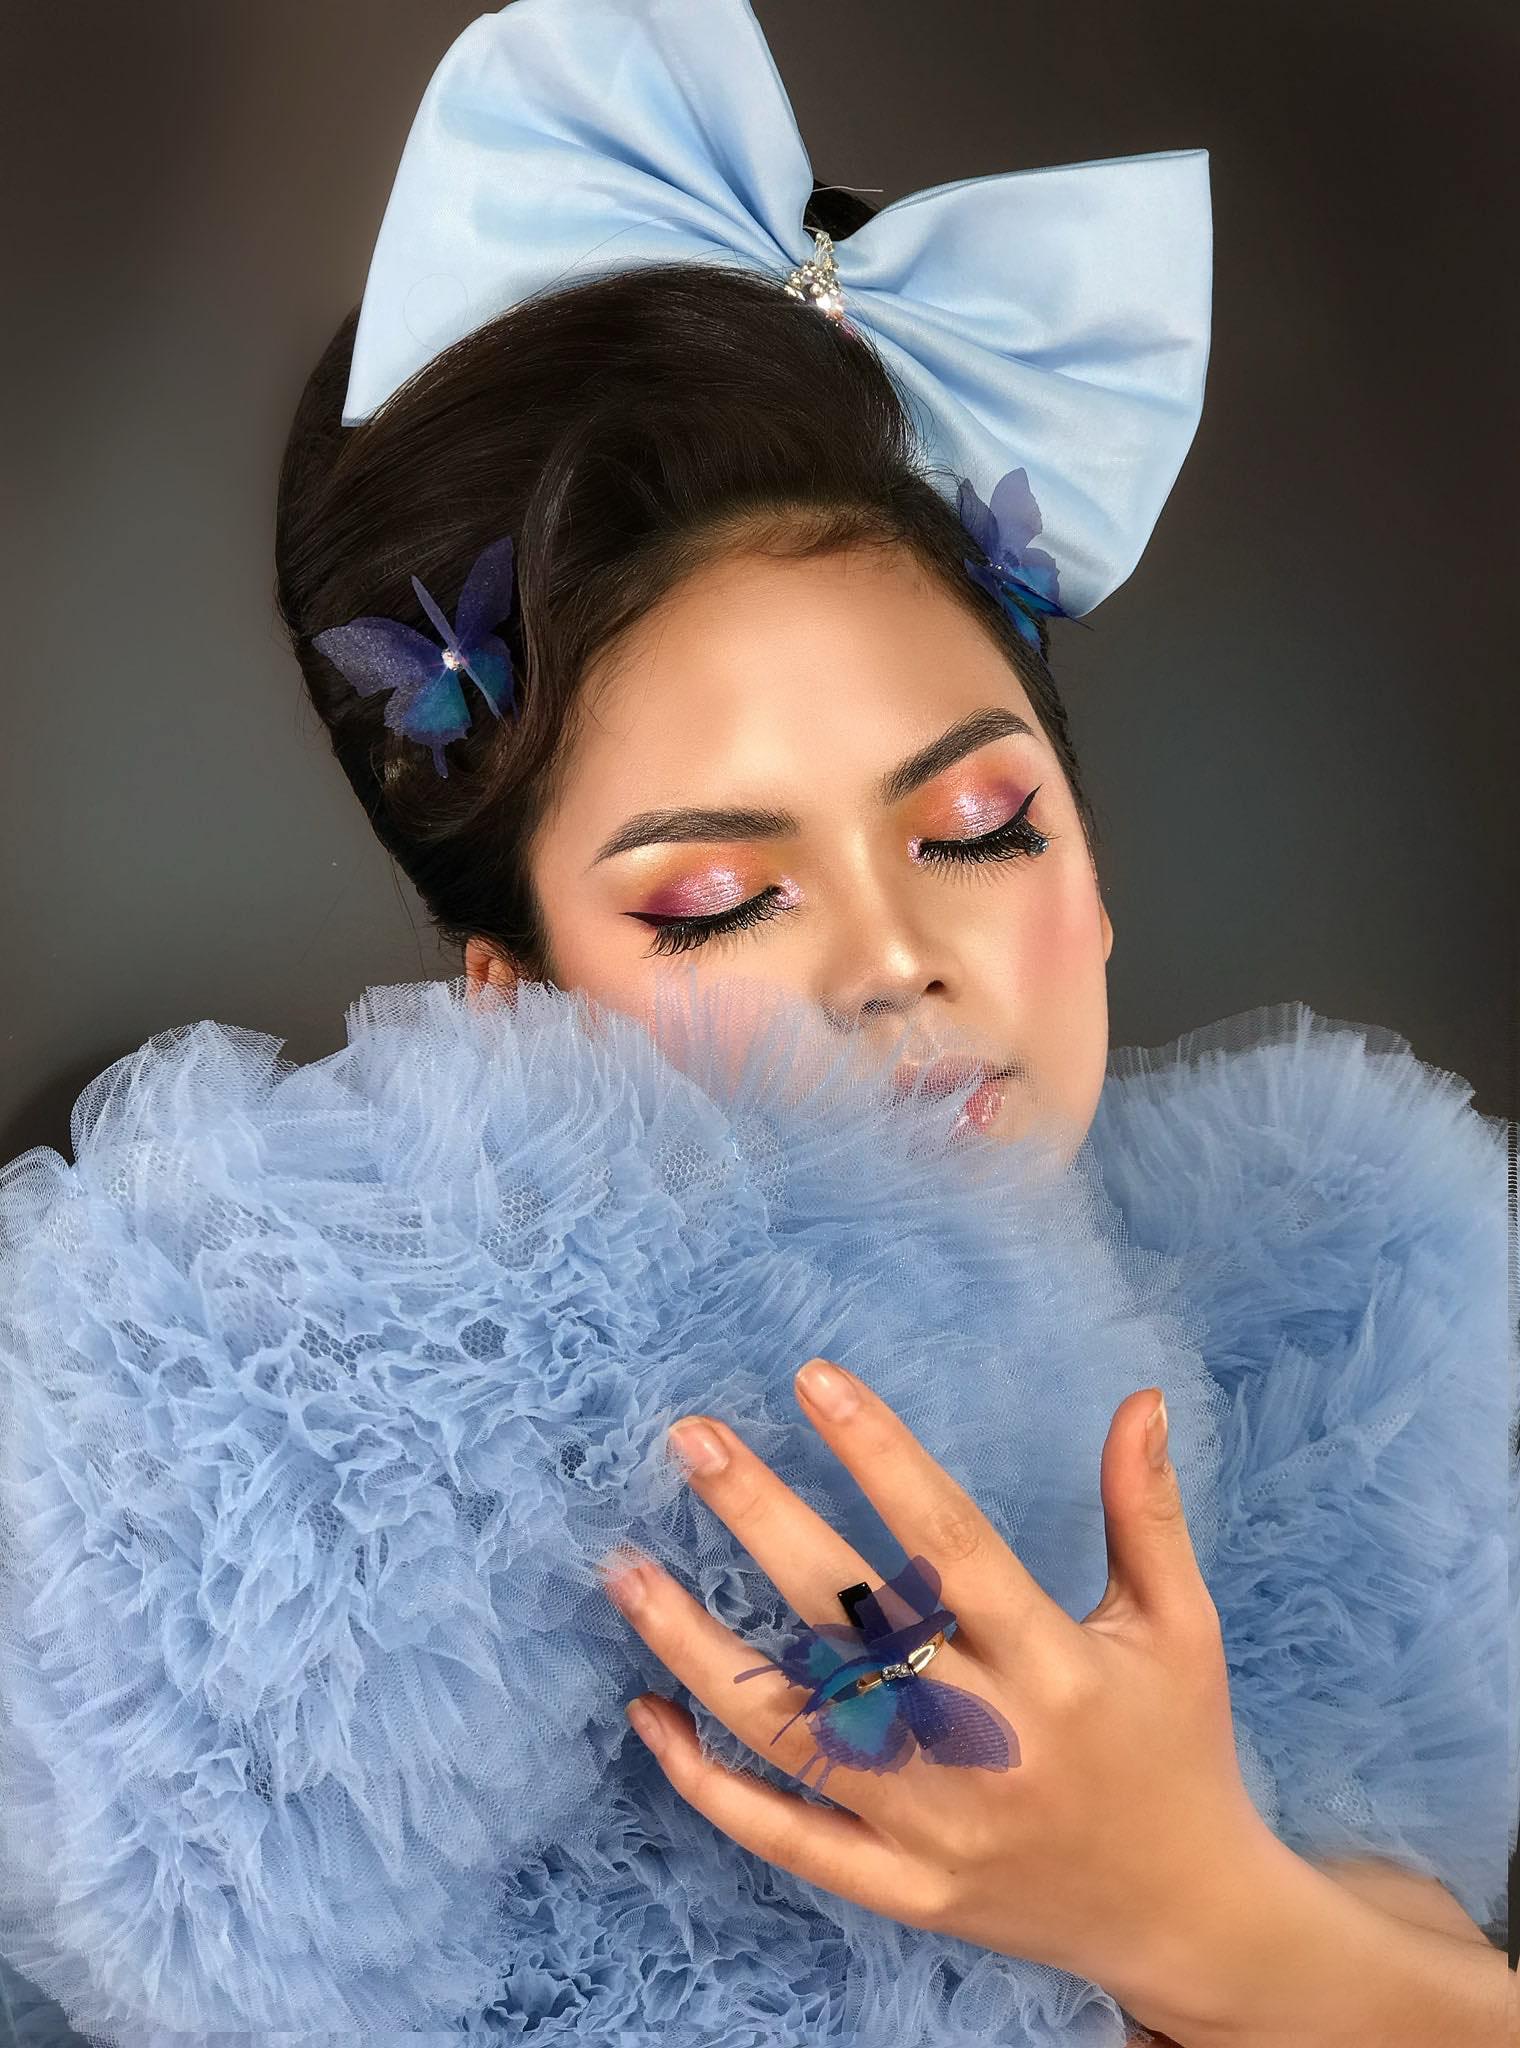 Top 7 tiệm trang điểm cô dâu đẹp nhất tại Đà Lạt -  Lâm Tino Academy.